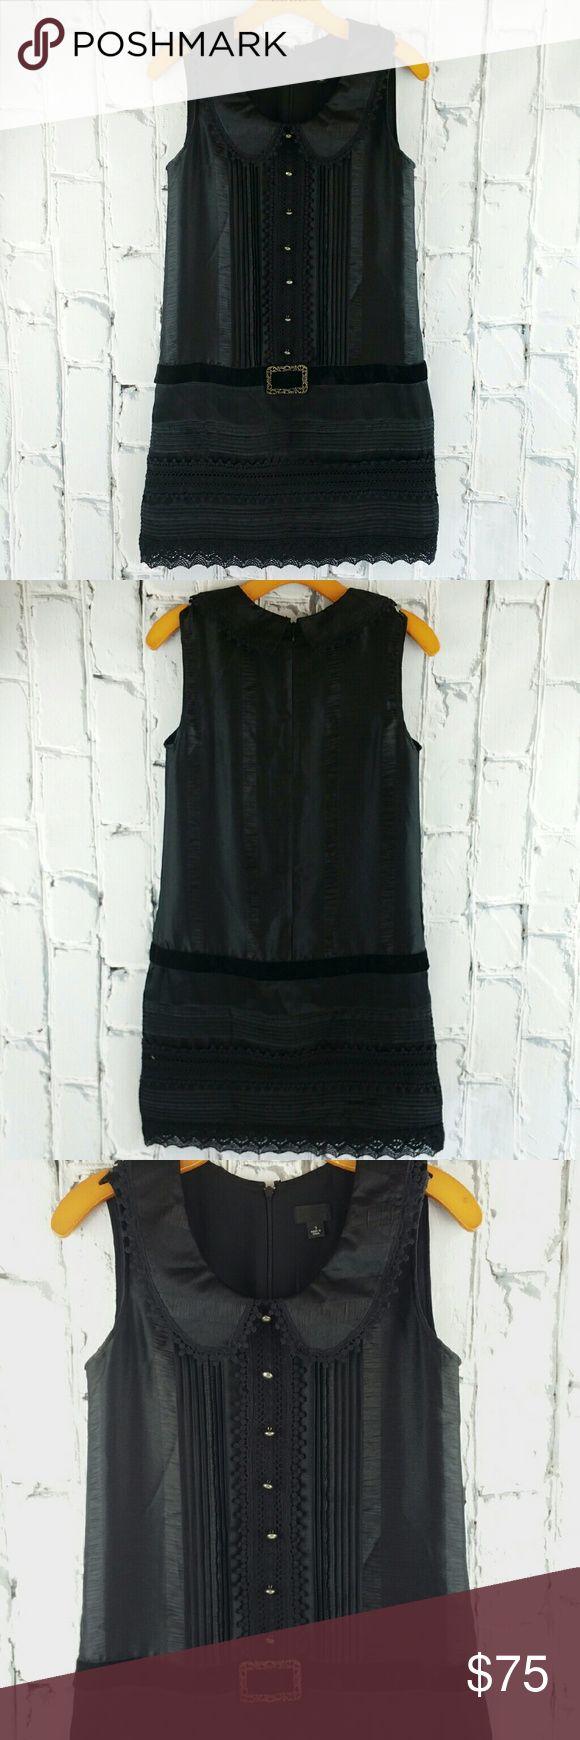 💞SALE💞 Anna Sui Black Cocktail Party  Dress